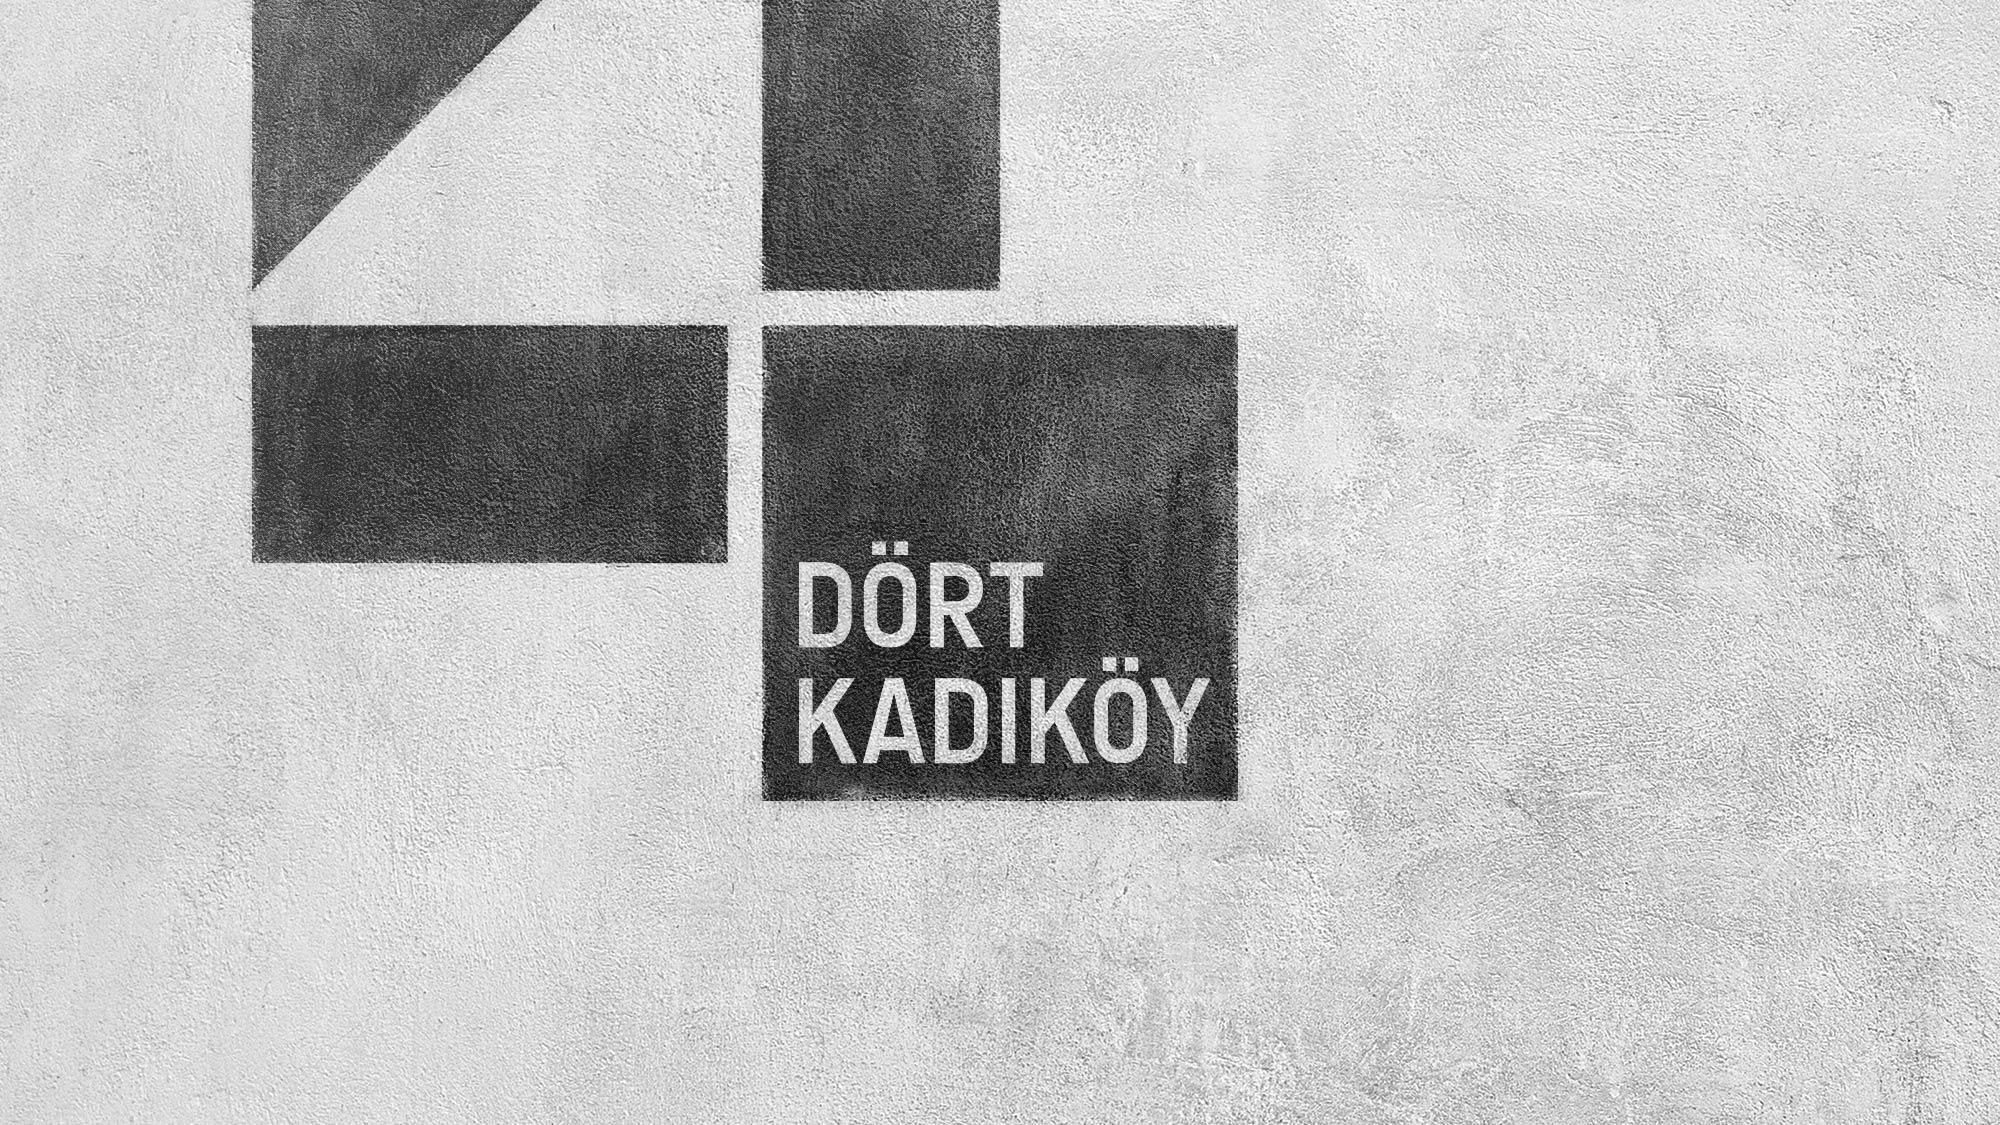 Dortkadikoy_03